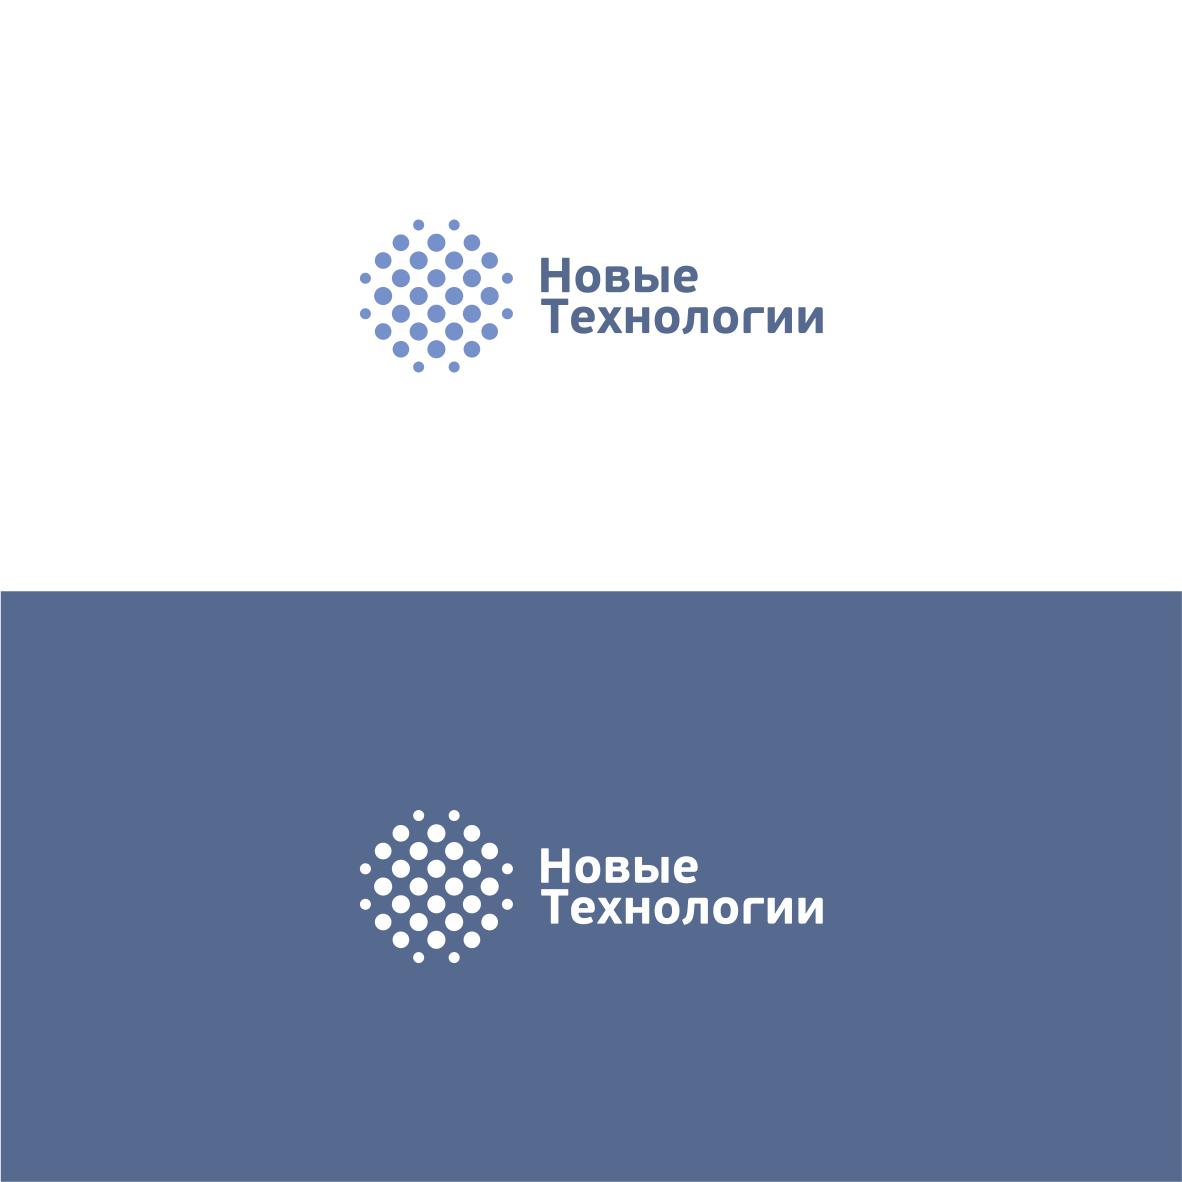 Разработка логотипа и фирменного стиля фото f_6815e6d24c5bbd0c.png